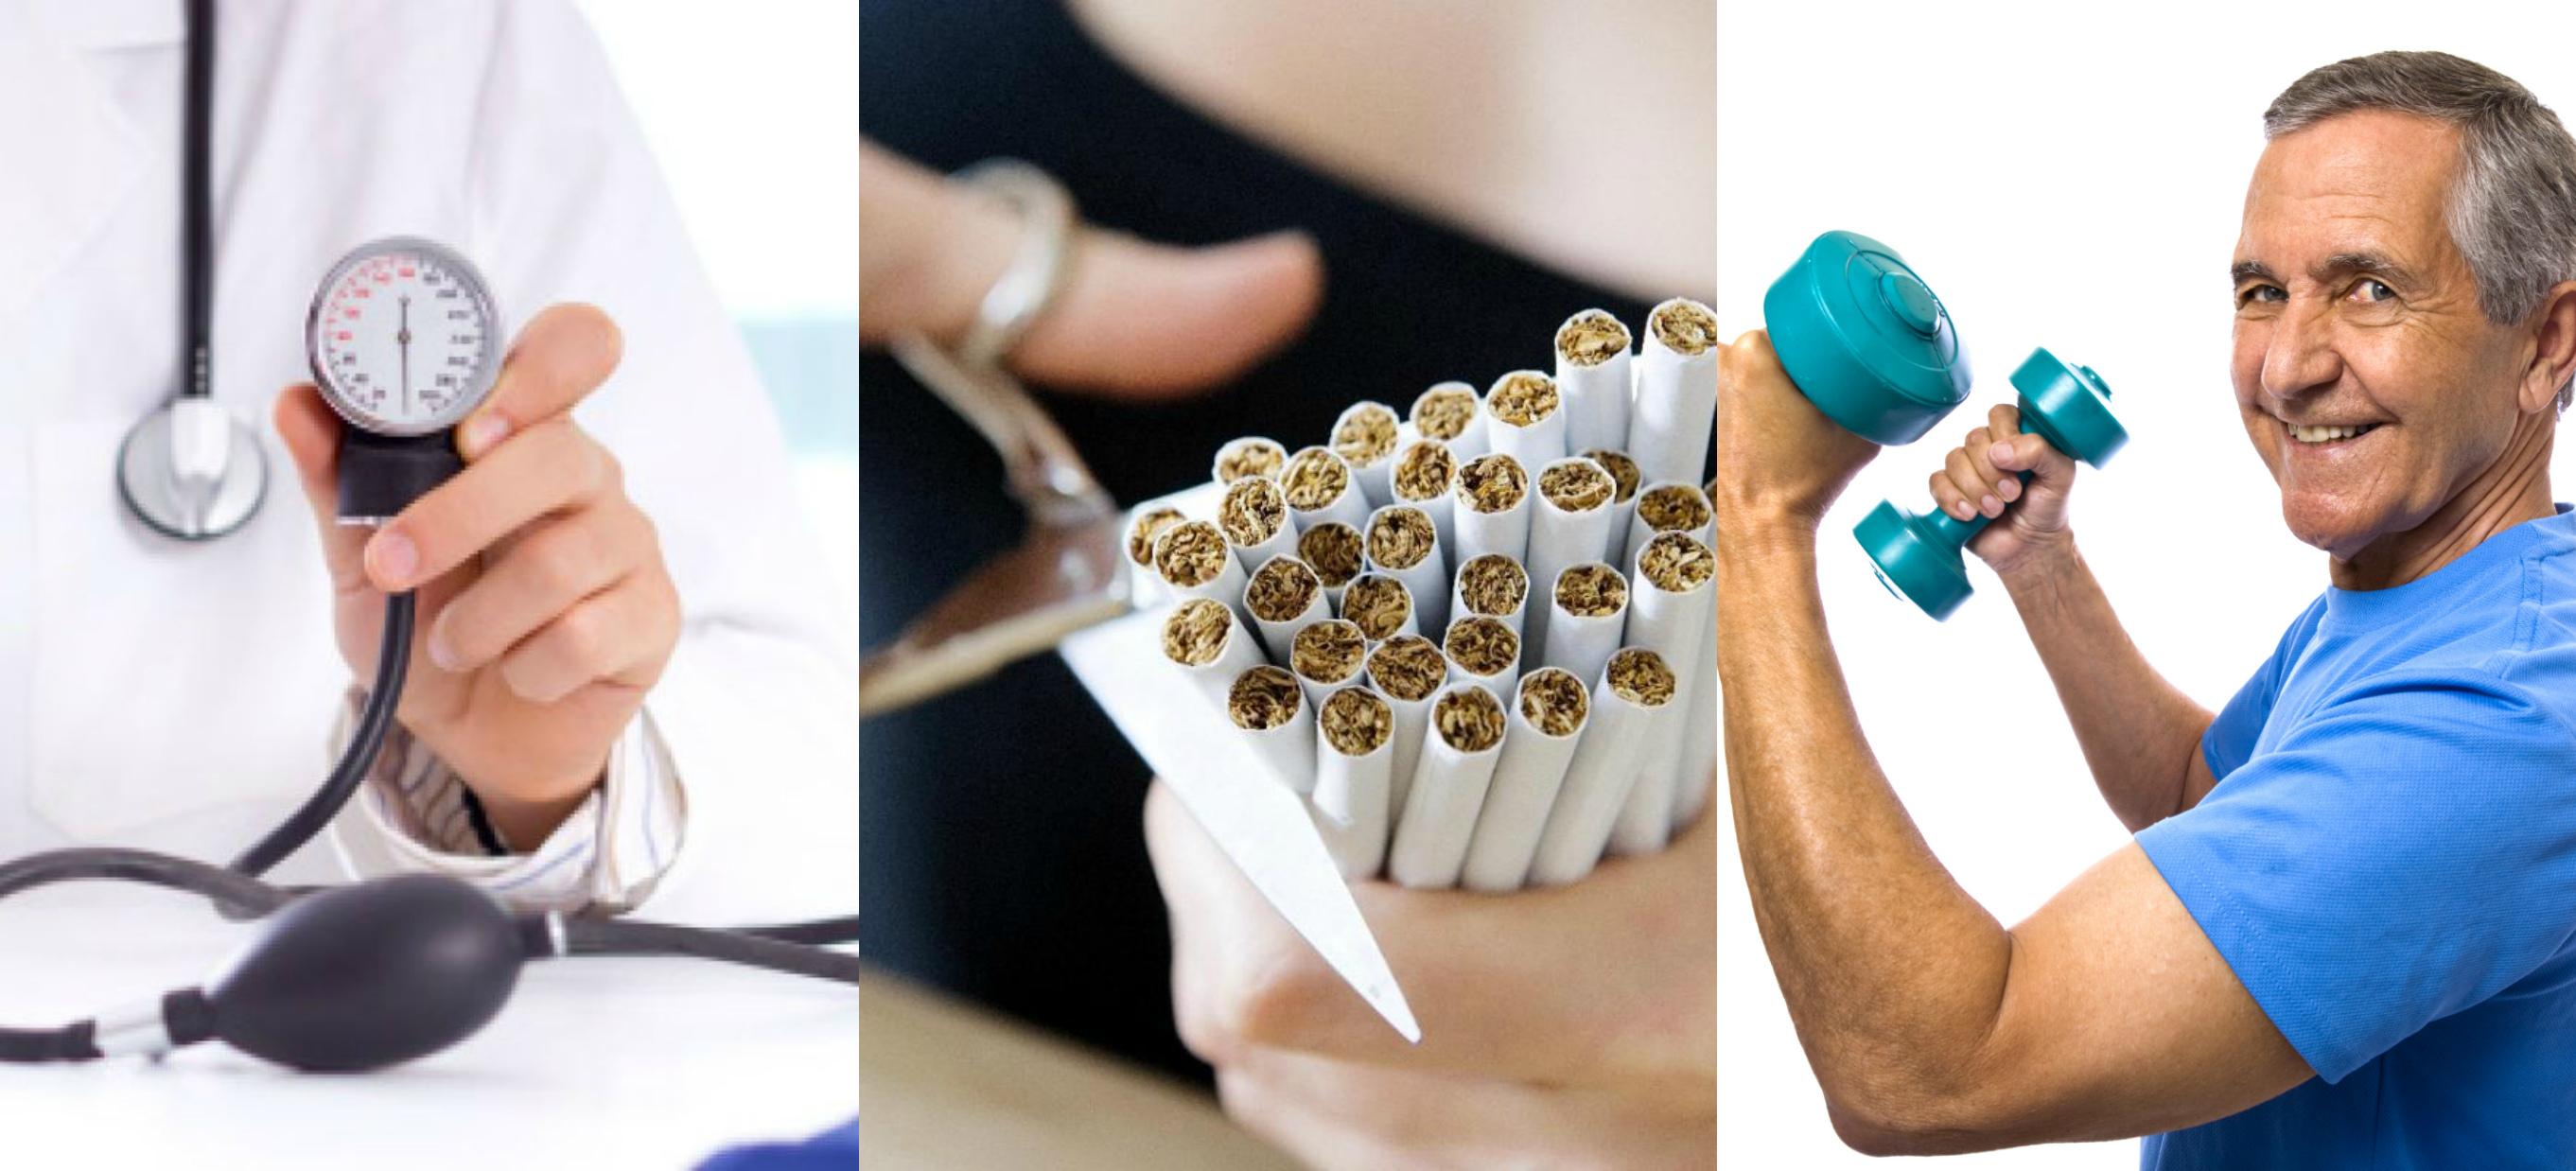 танометр, режут сигареты, пожилой человек с гантелями